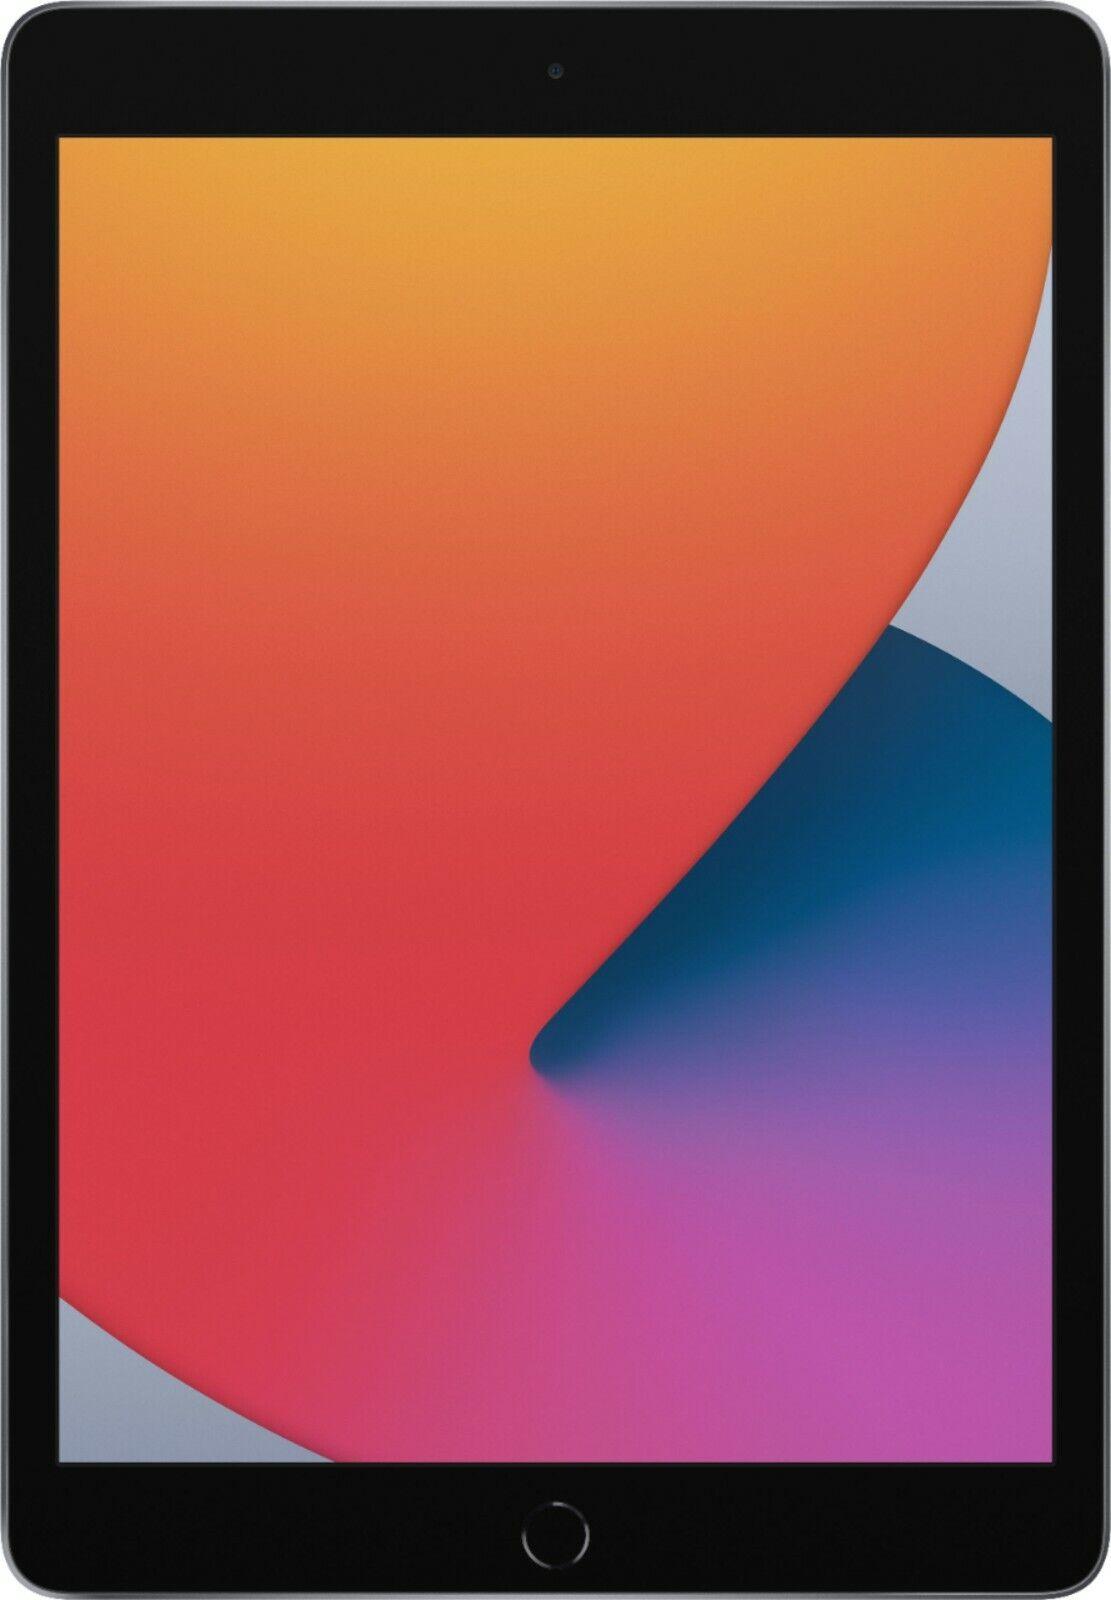 Apple iPad 2020 8th Gen. 32GB, Wi-Fi, 10.2 in - Space Grey